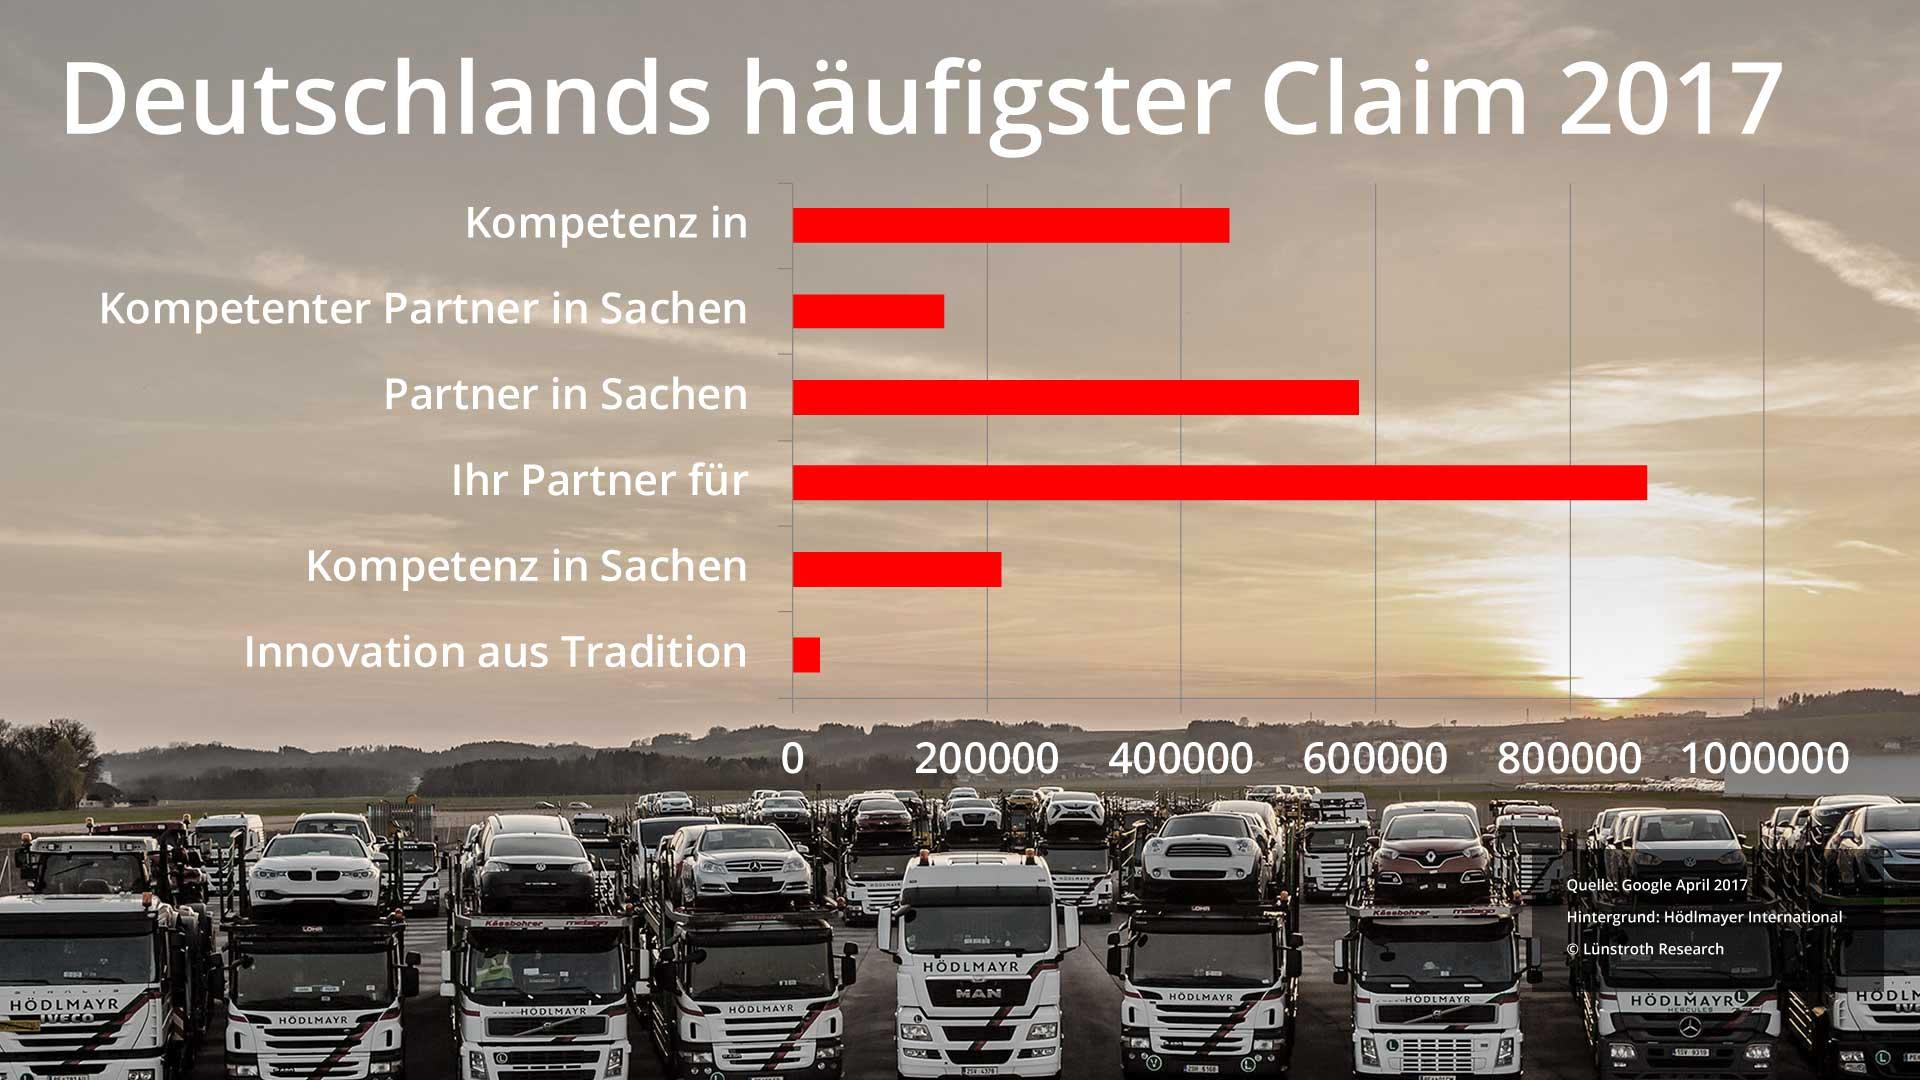 Deutschlands häufigster Claim 2017